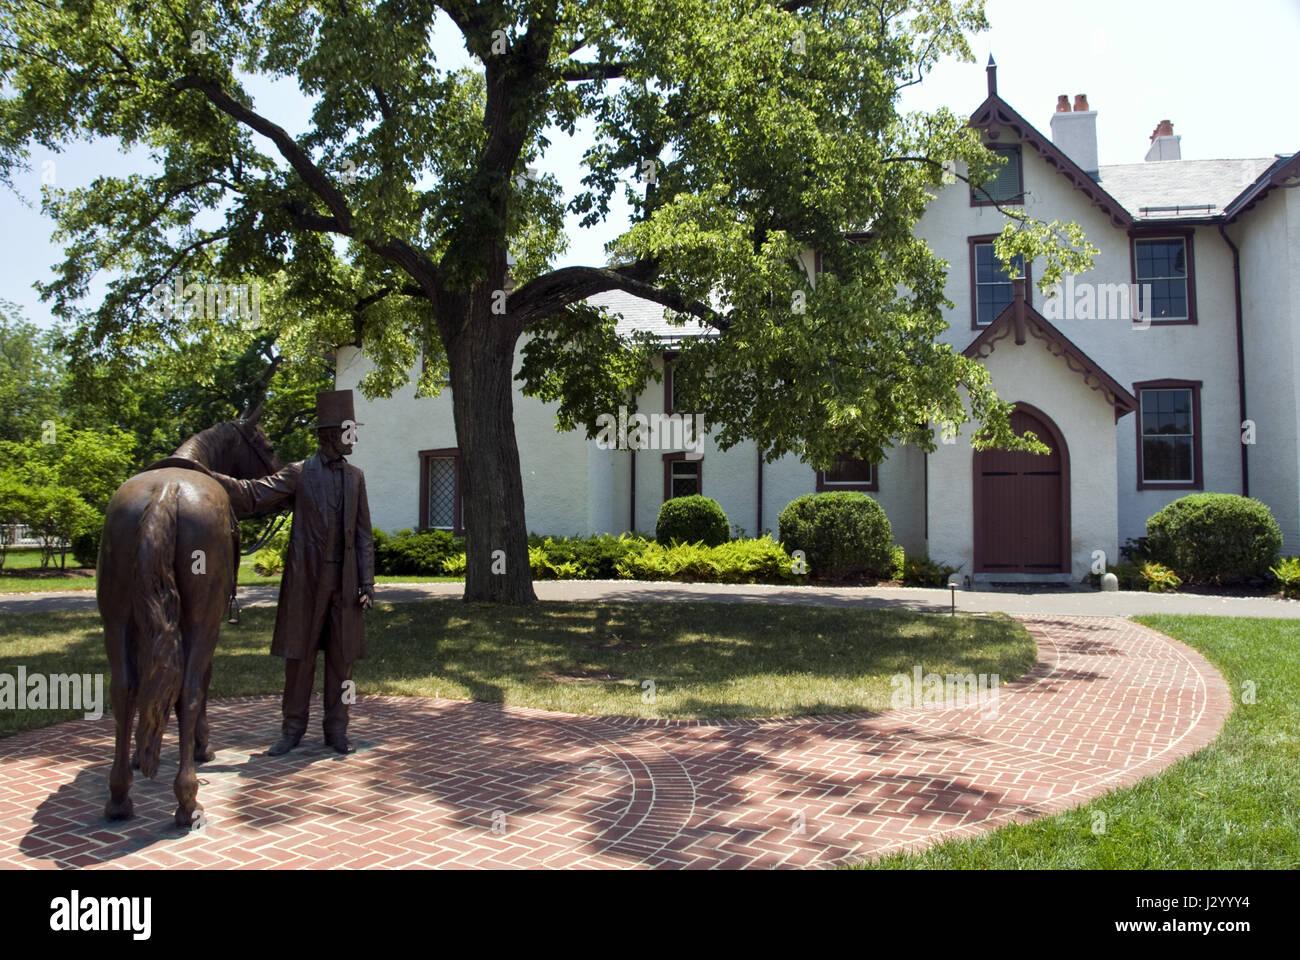 Una estatua de bronce del Presidente Lincoln en el Lincoln's Cottage, monumento nacional en la ex 'Soldiers' Home', Washington, DC. Foto de stock